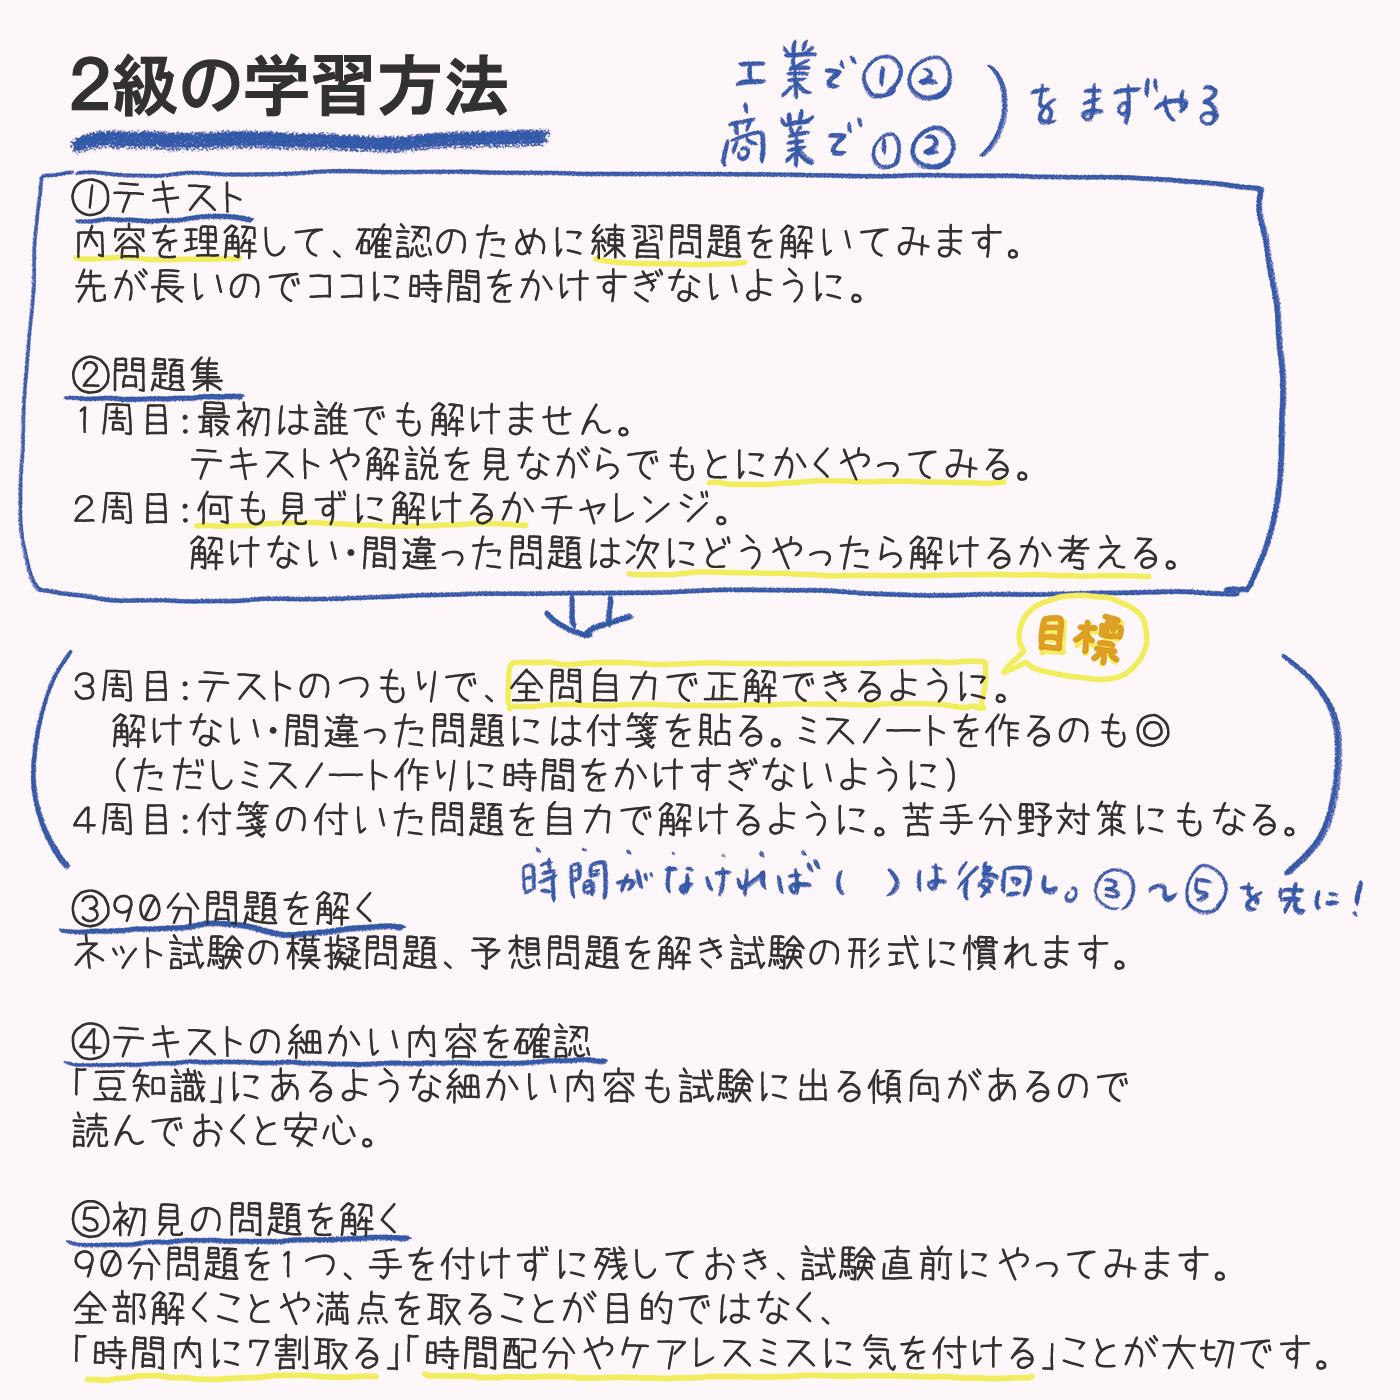 Cbt 簿記